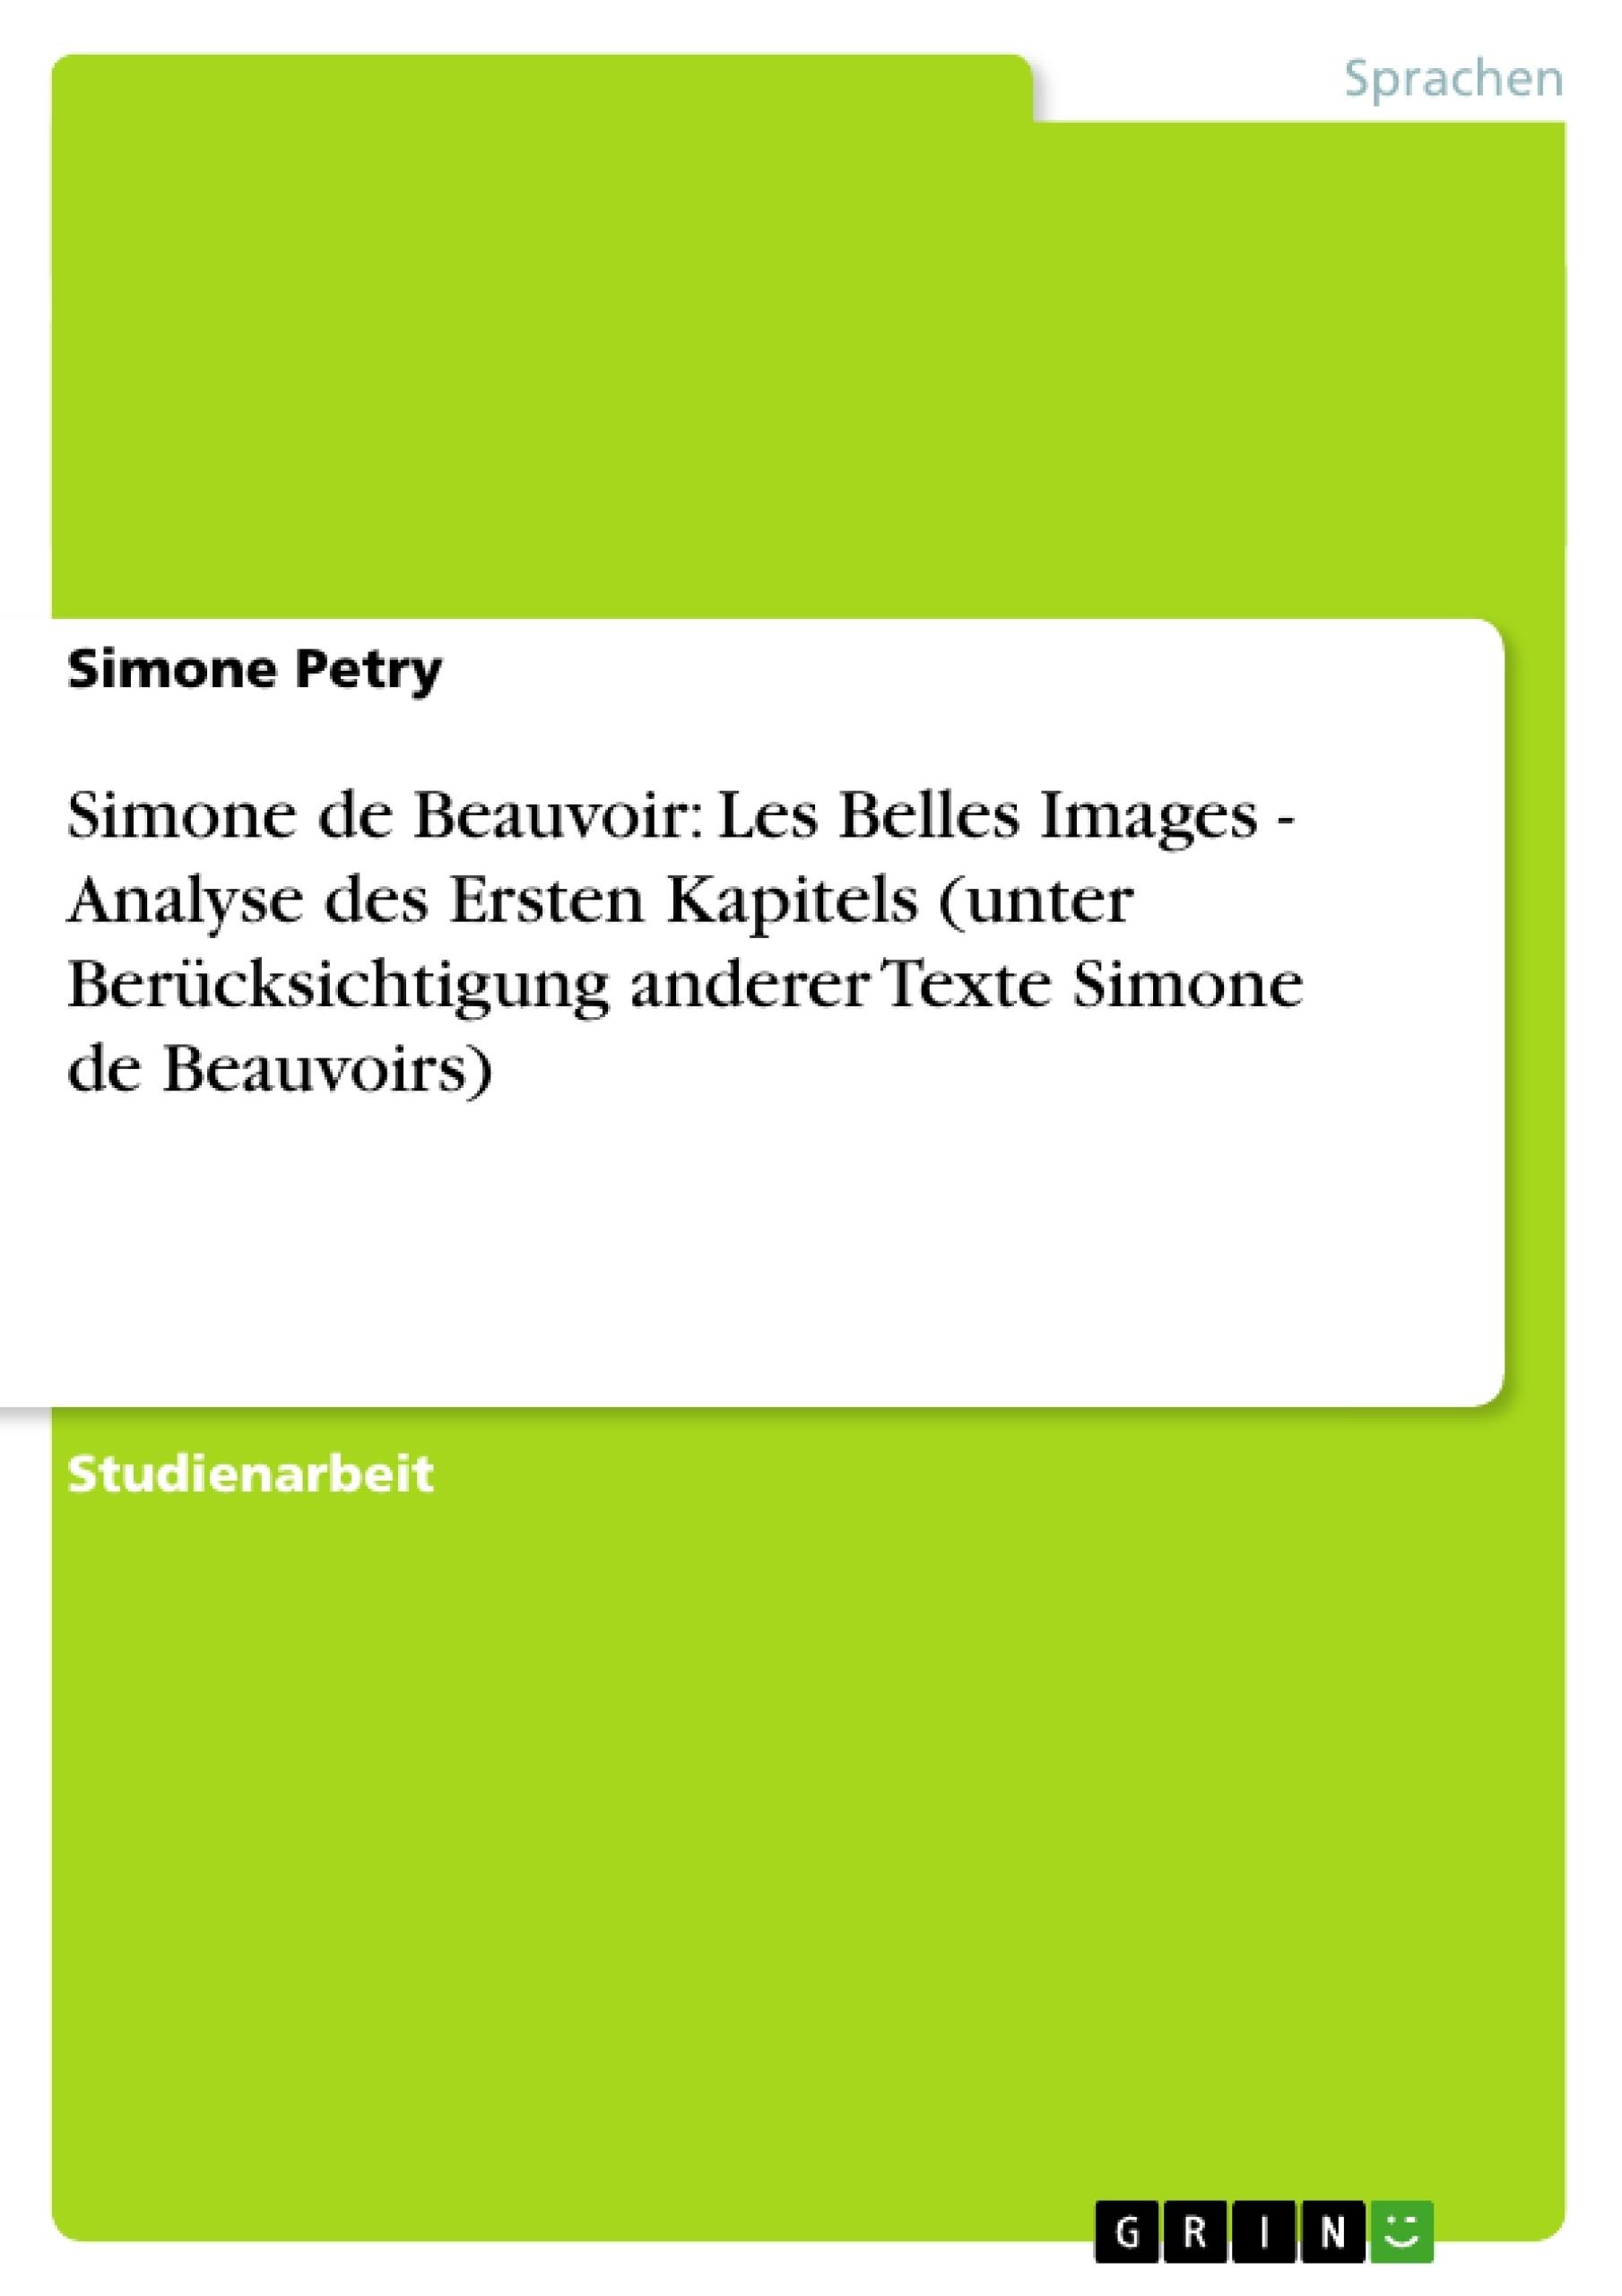 Titel: Simone de Beauvoir: Les Belles Images - Analyse des Ersten Kapitels (unter Berücksichtigung anderer Texte Simone de Beauvoirs)